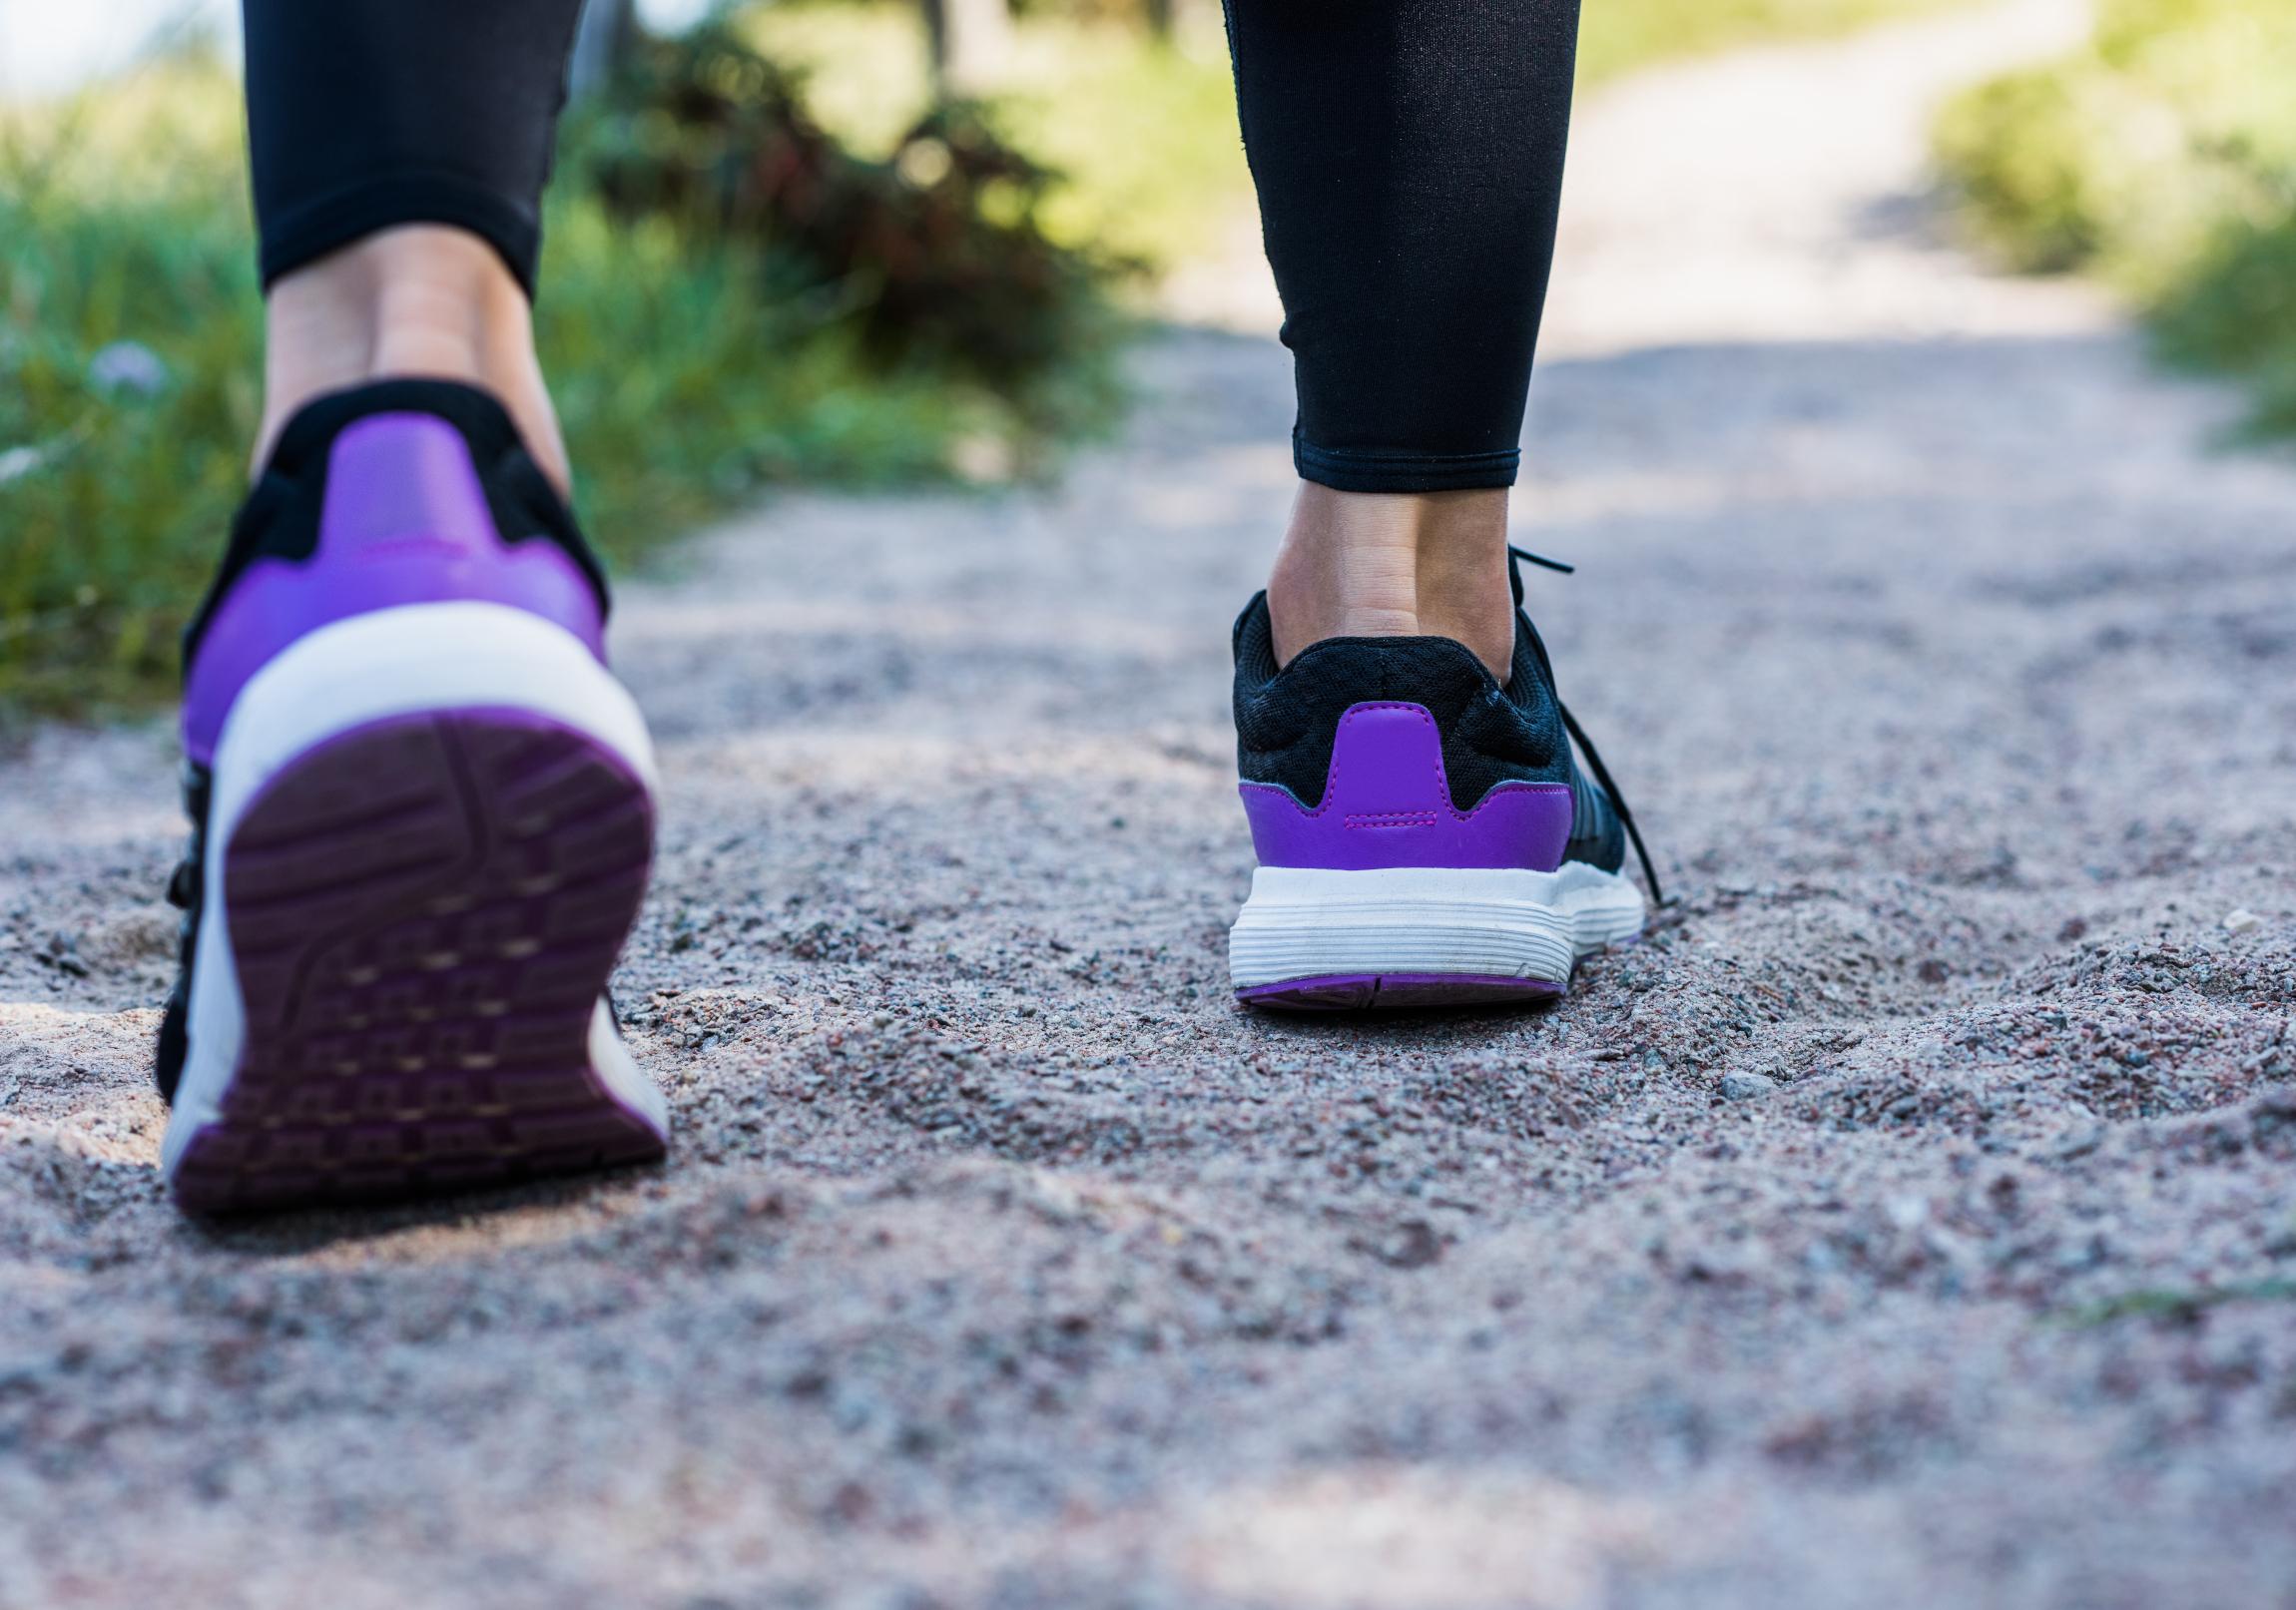 Allenamento camminata: i migliori 6 metodi